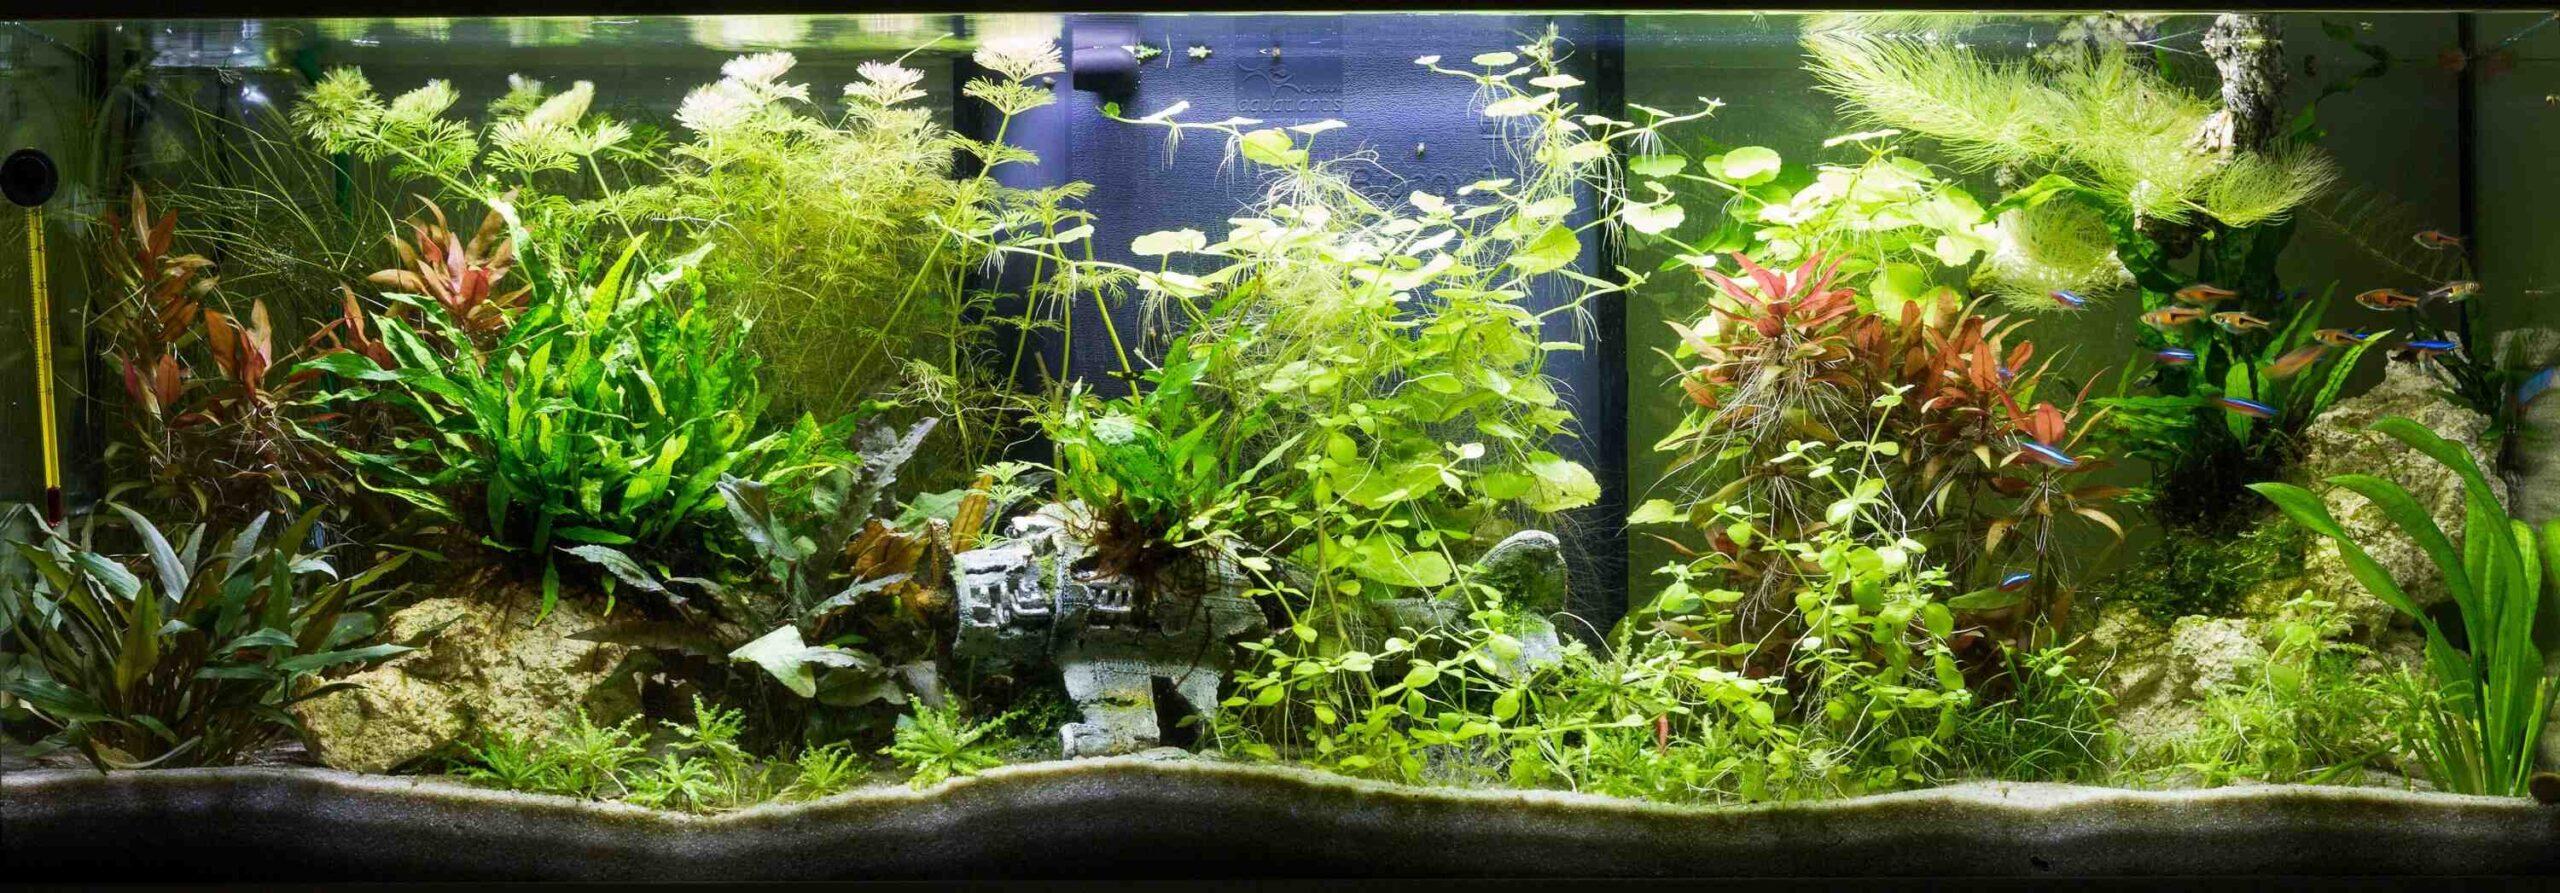 Comment obtenir de belles plantes dans un aquarium?